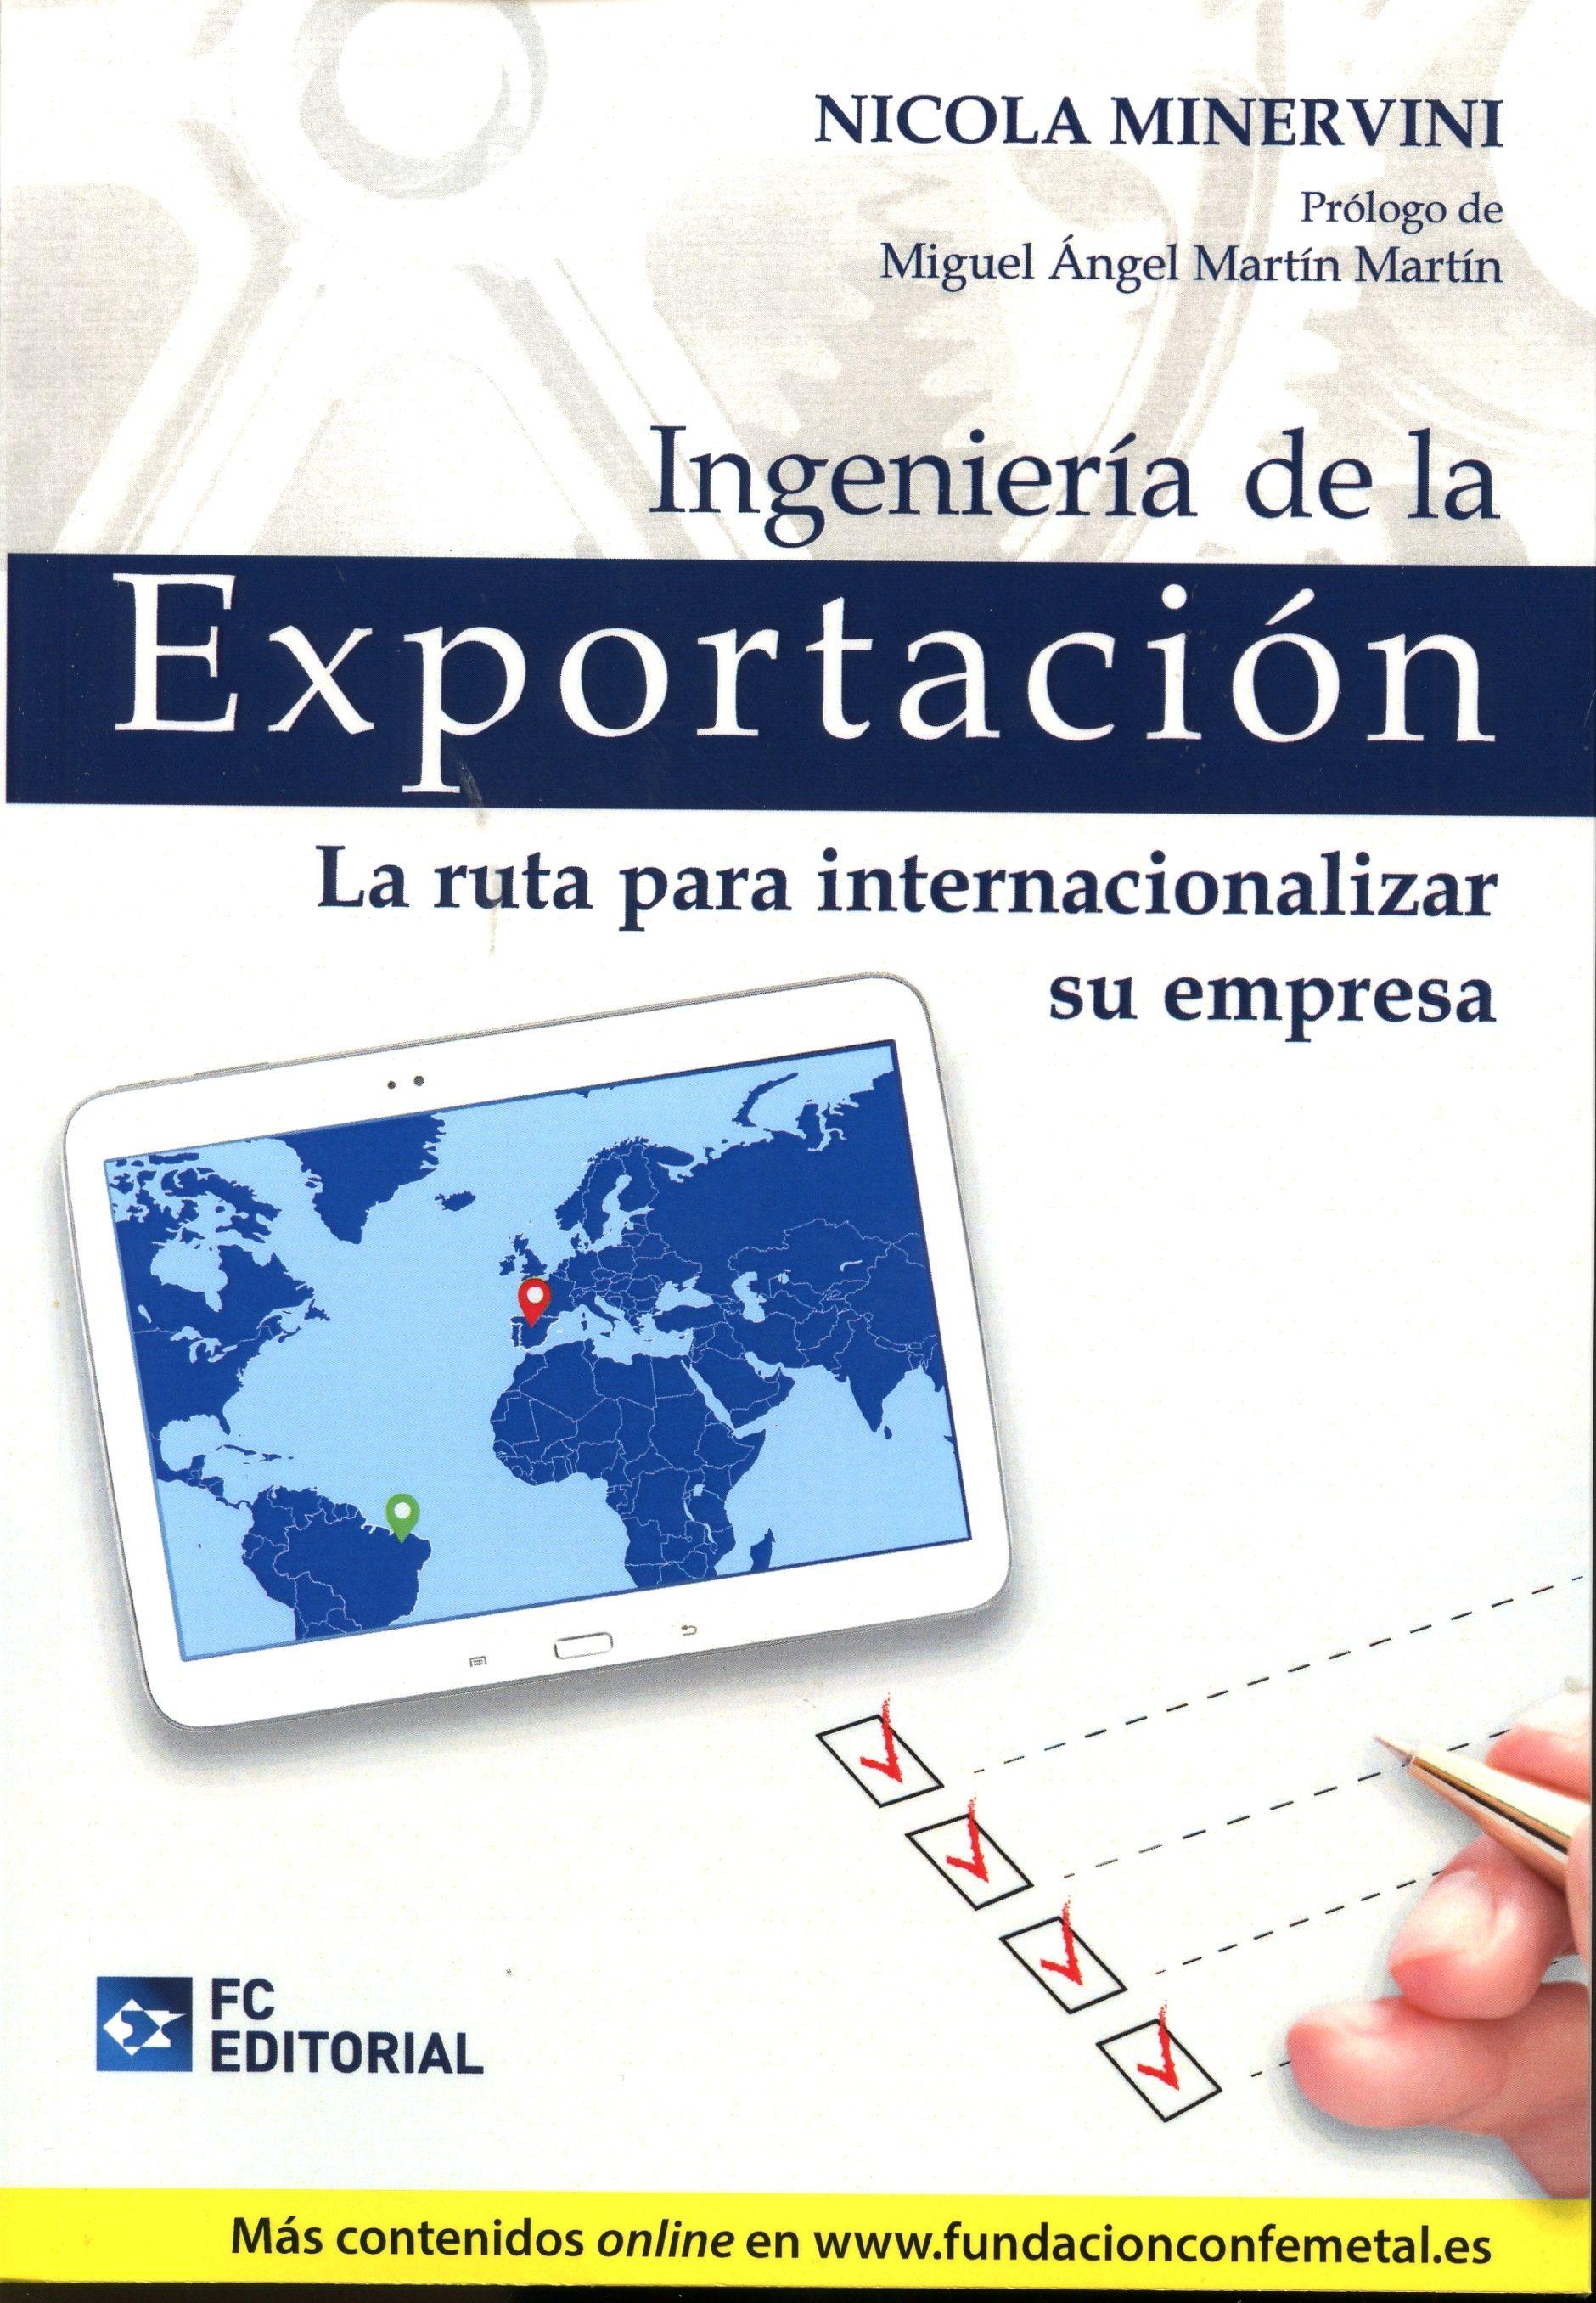 Resultado de imagen para Ingeniería de la exportación: la ruta para internacionalizar su empresa